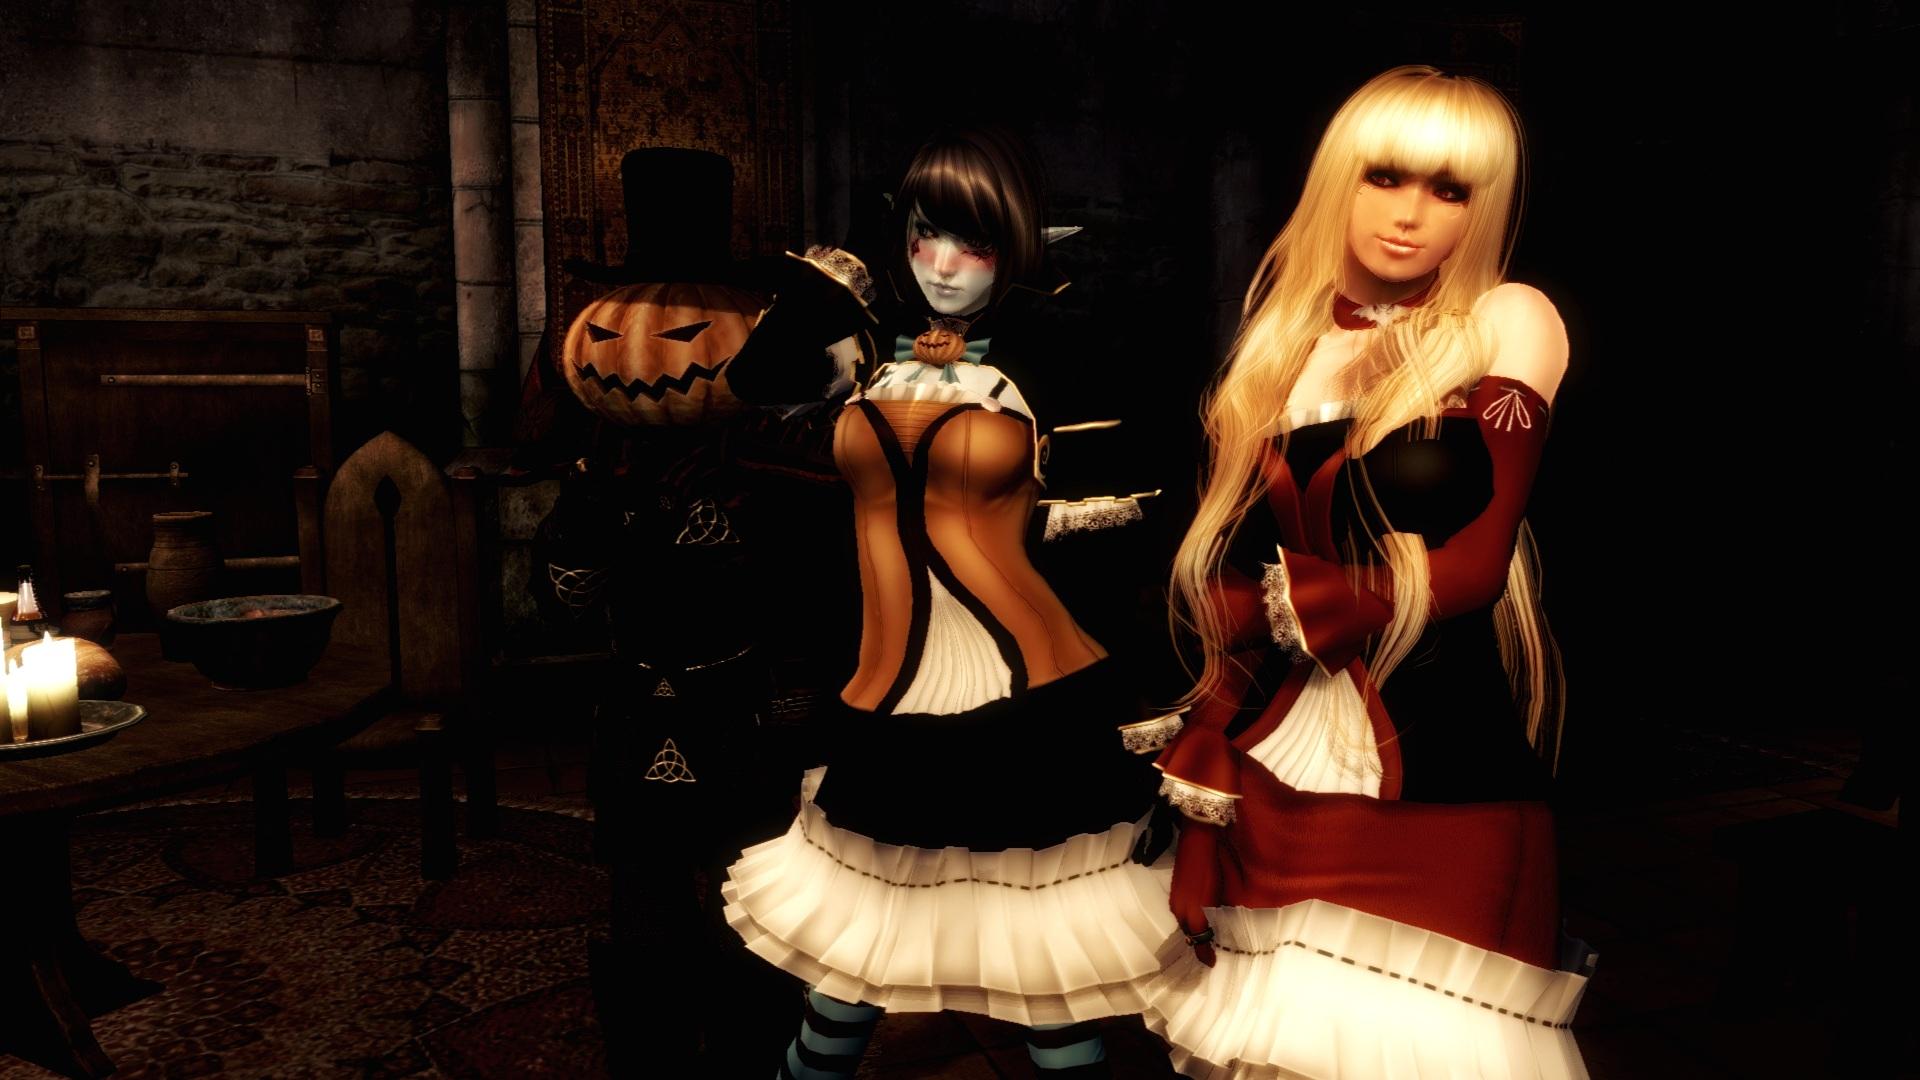 Oblivion 2011-10-31 22-05-15-99